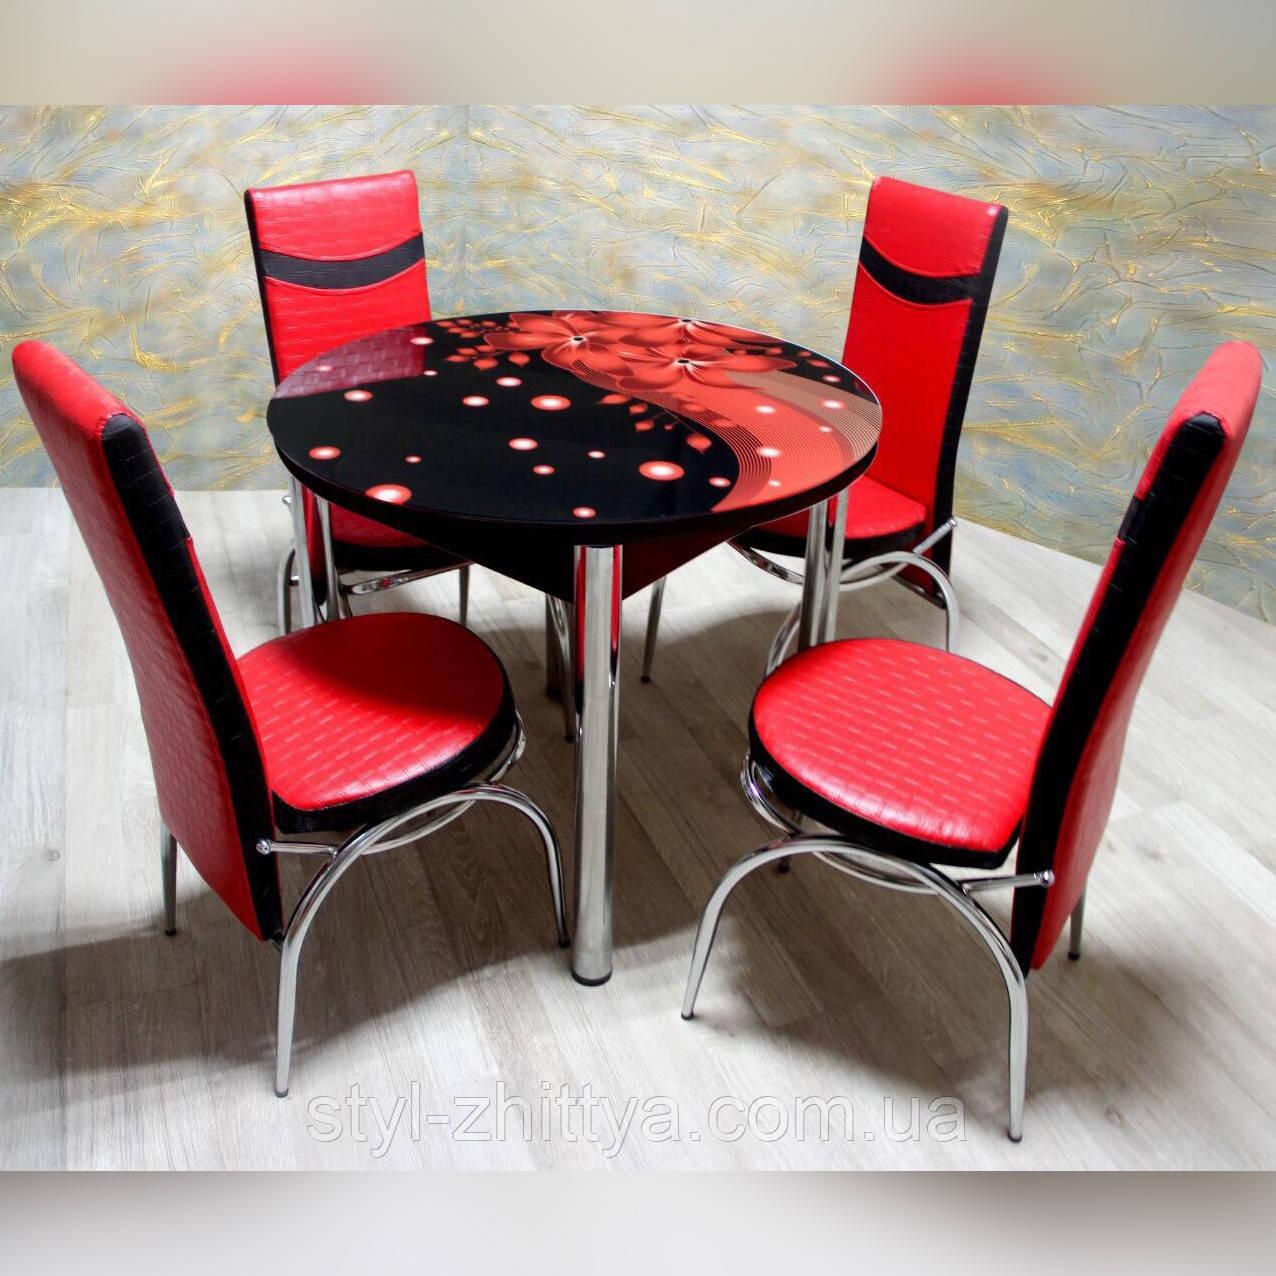 6-027 Стіл розкладний зі скла і 4 стільці